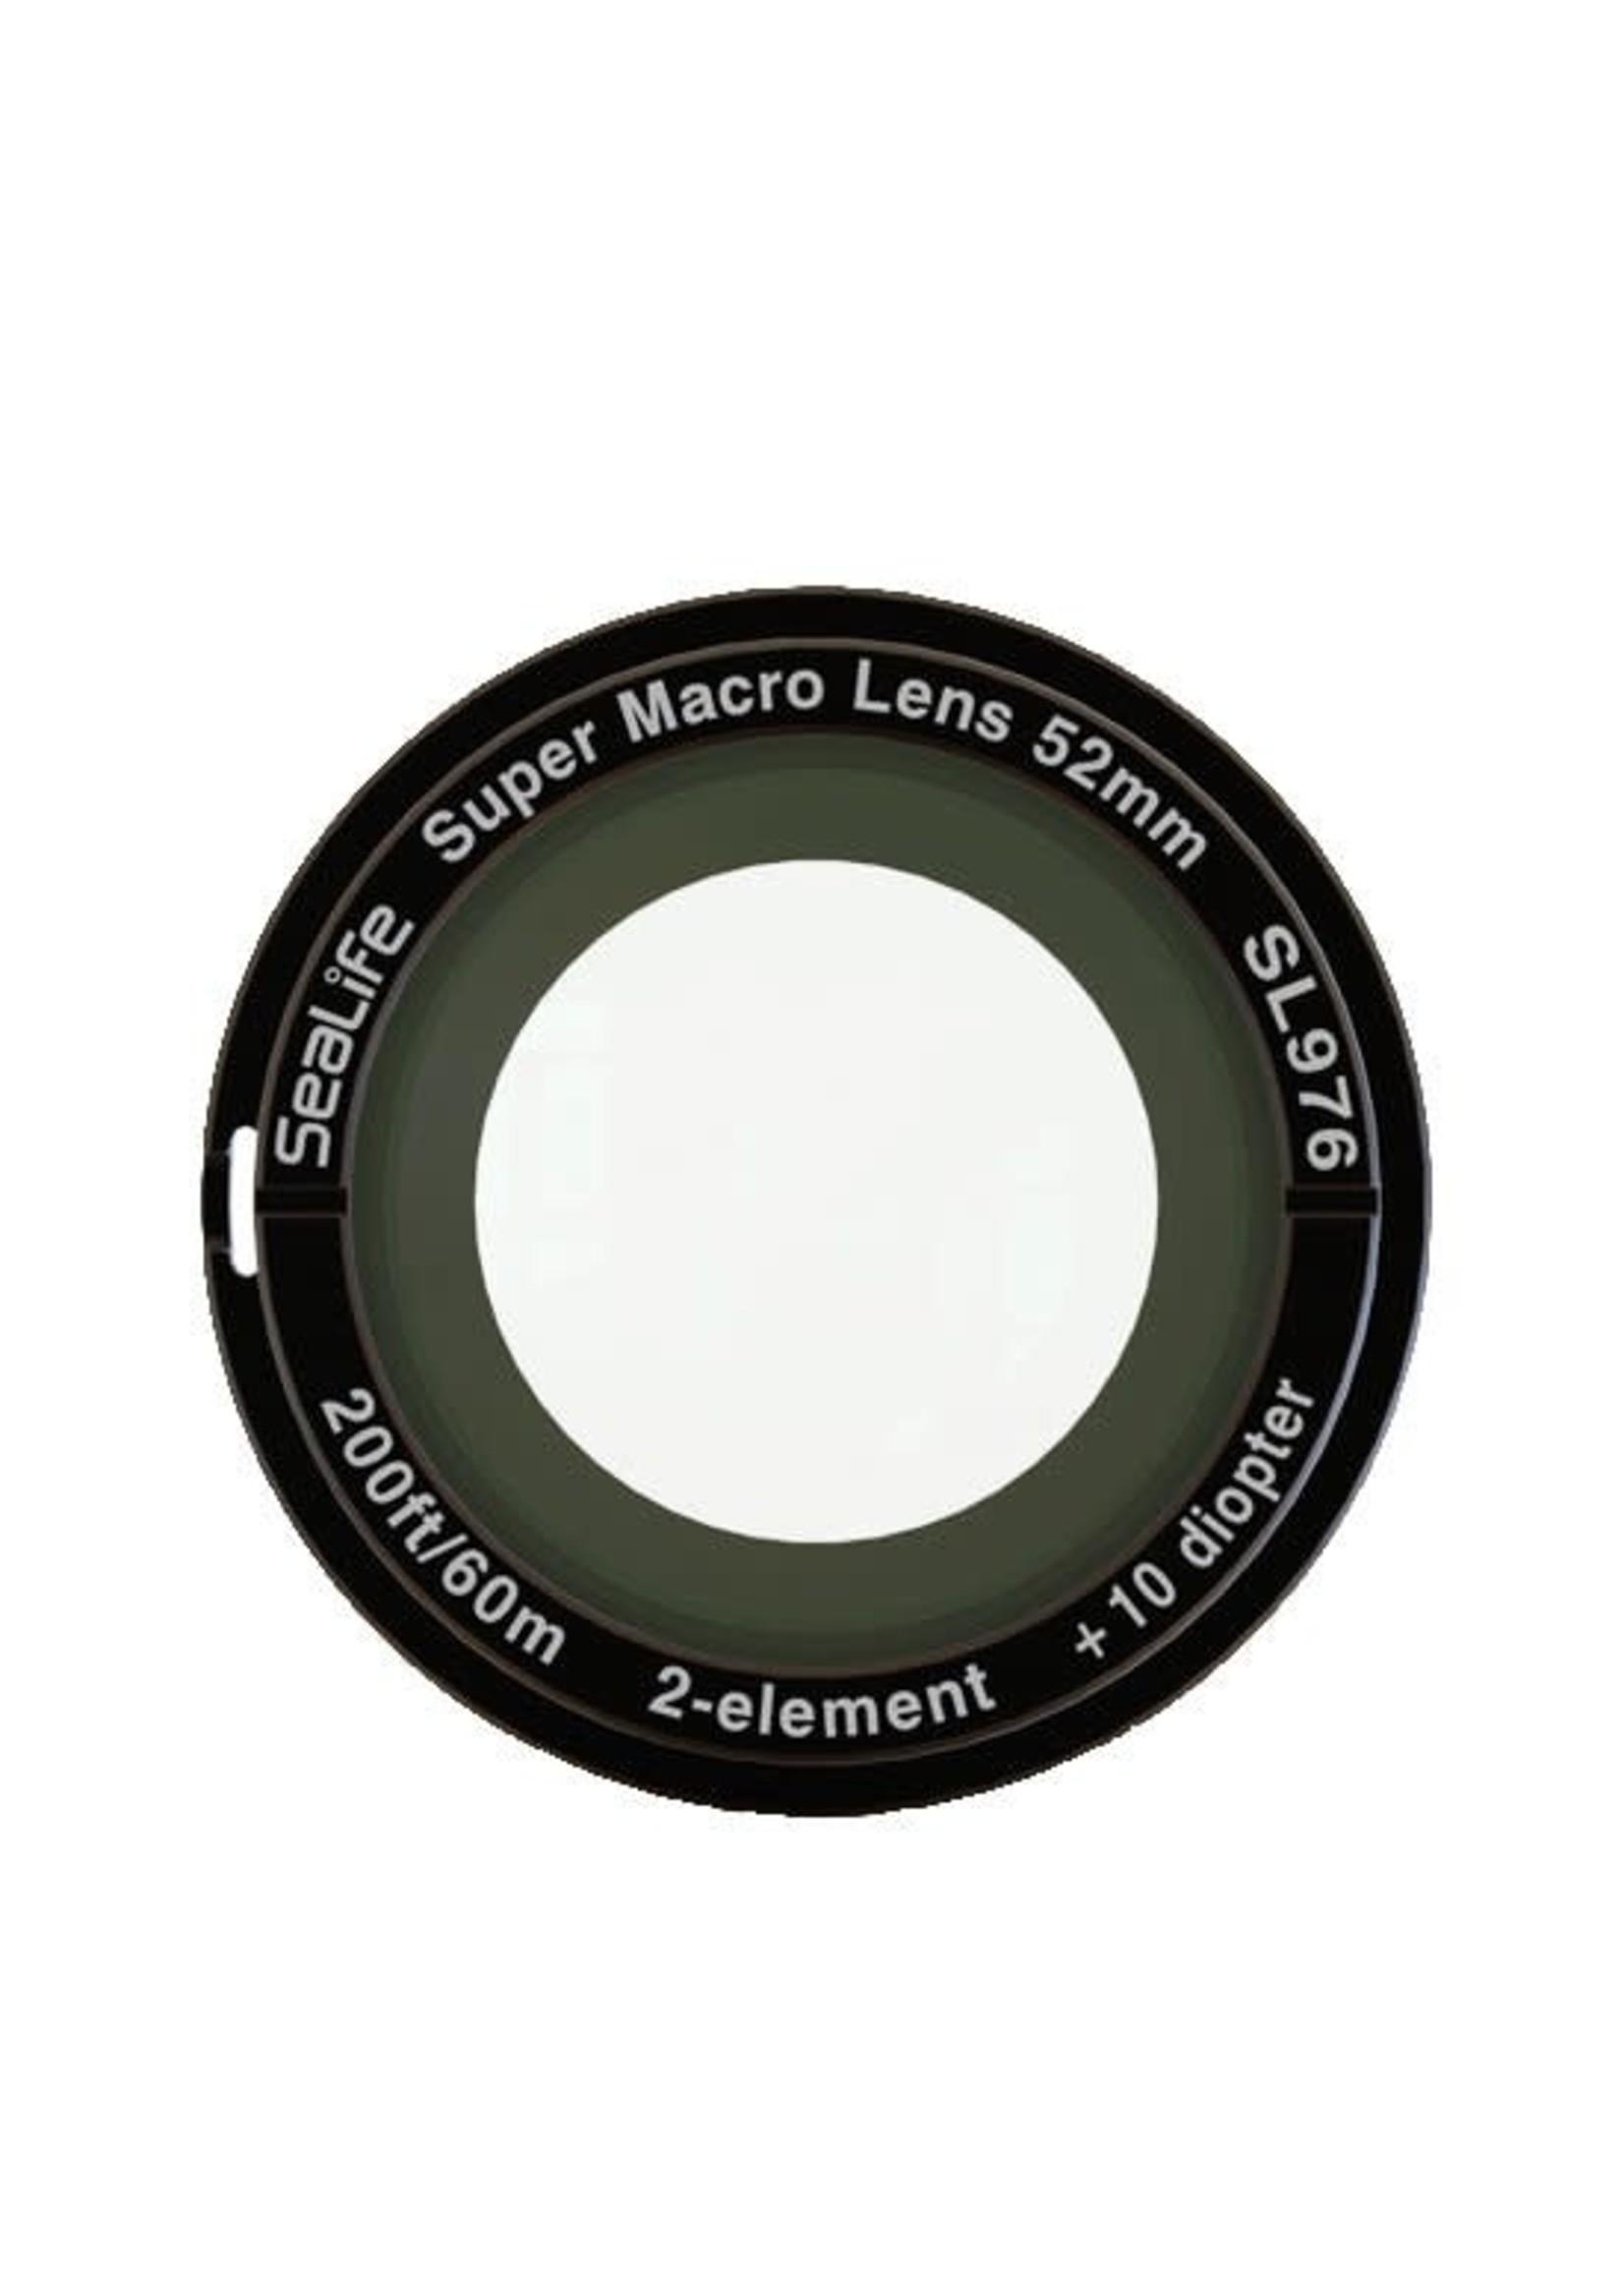 Sealife DC-Series Super Macro Lens